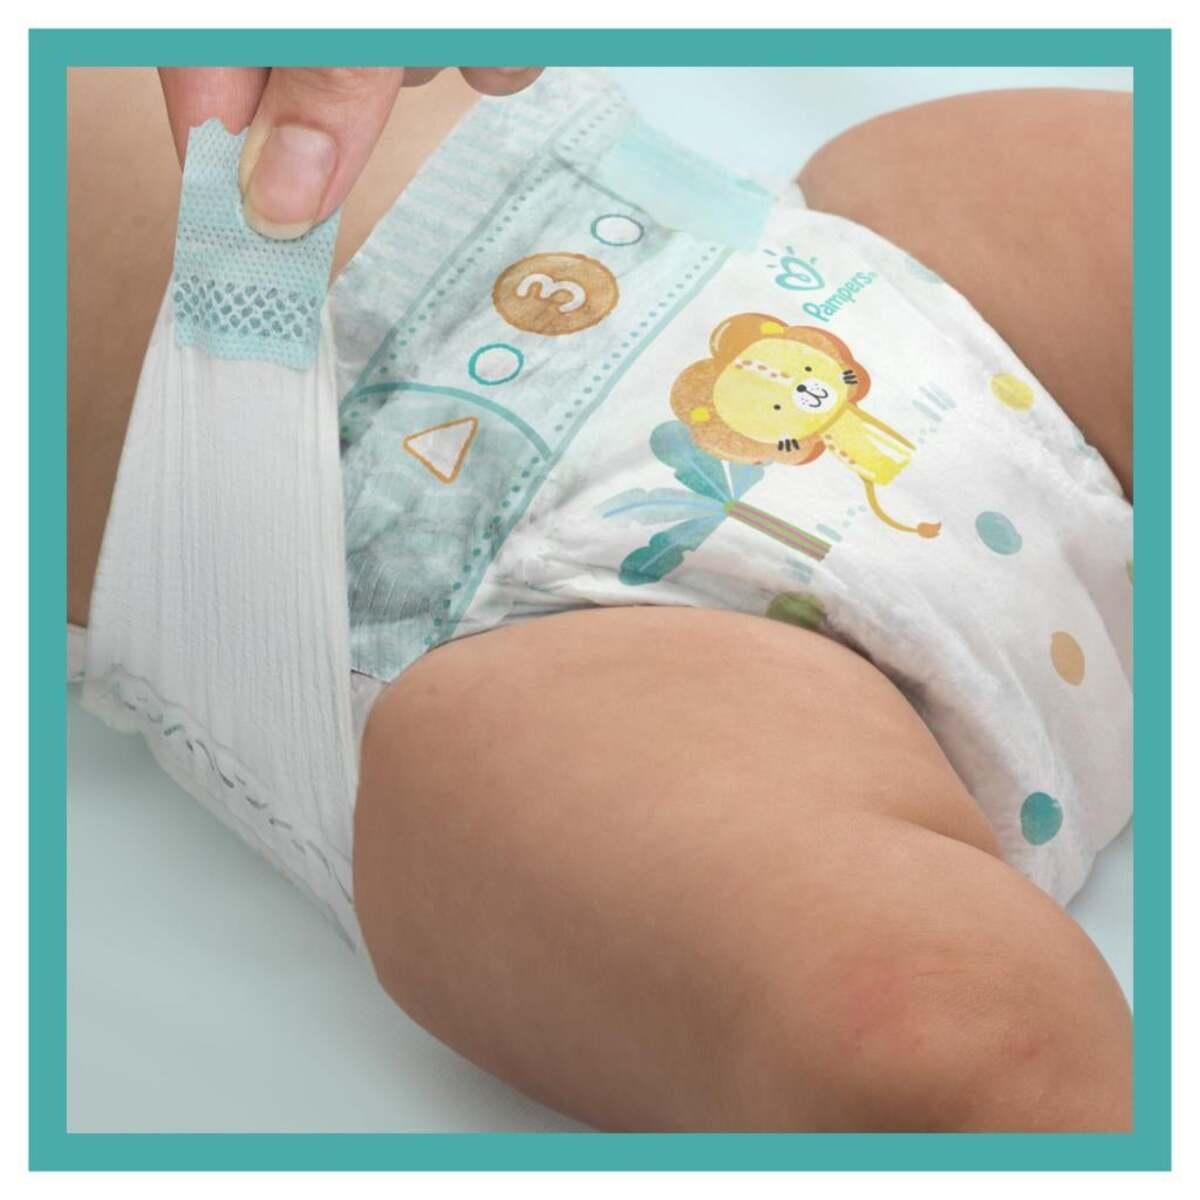 Bild 4 von Pampers Baby Dry Windeln Baby Dry Monatsbox, Größe 5+ Junior Plus